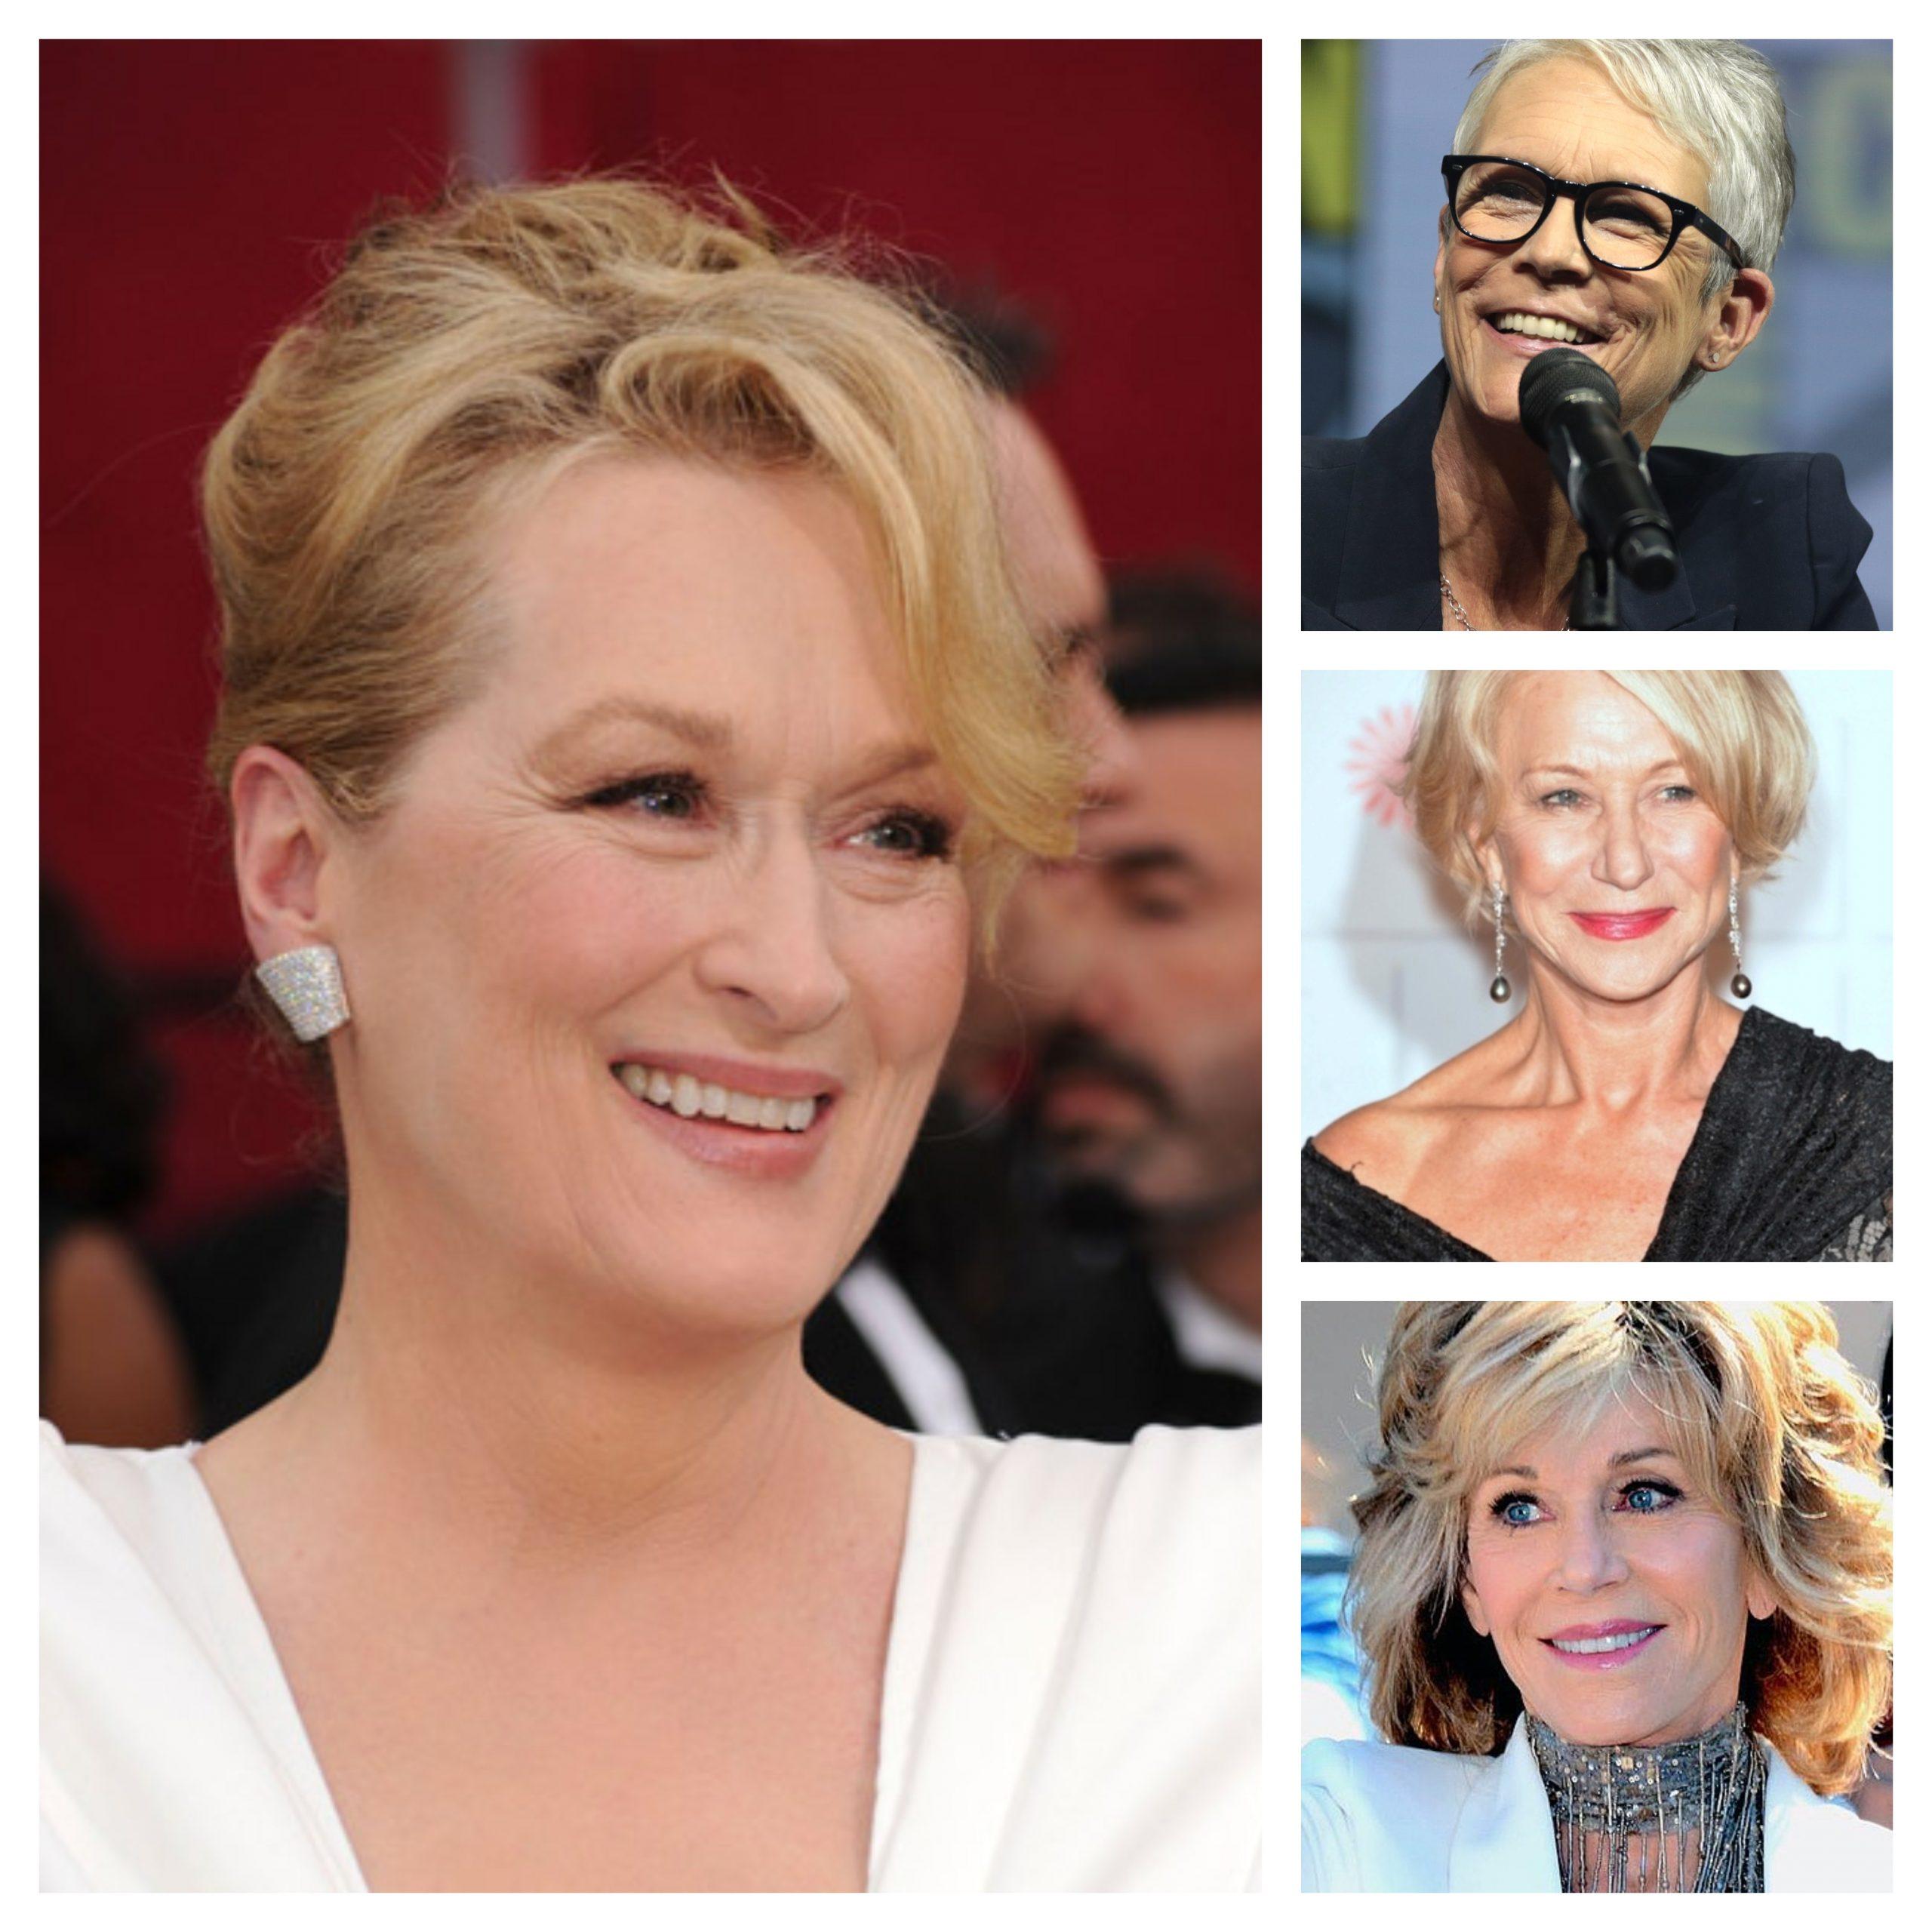 הוליווד: נשים מבוגרות בתעשייה